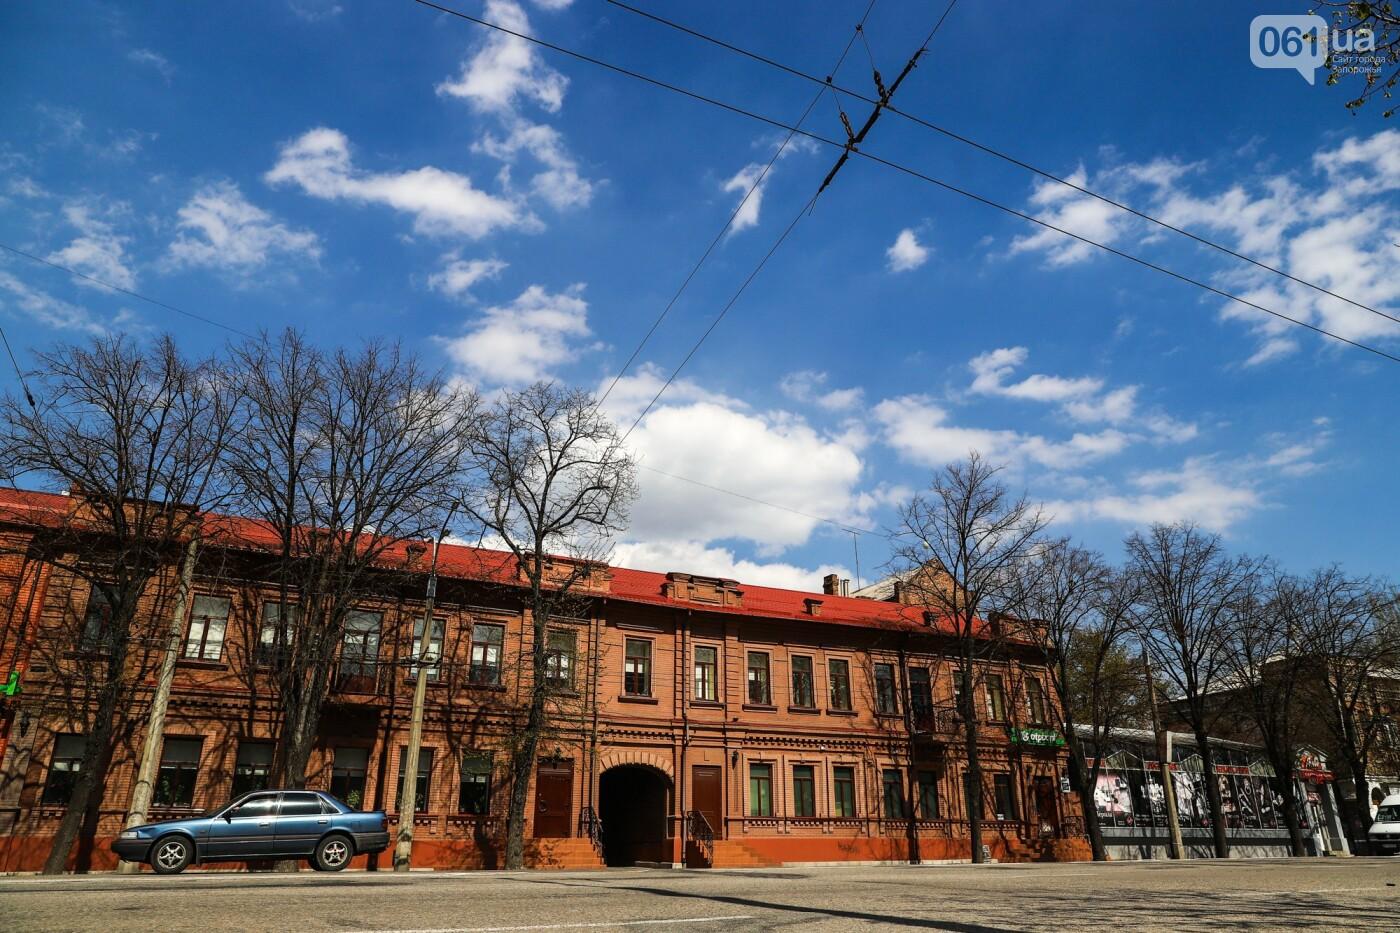 Памятники Старого Александровска: как сейчас выглядит доходный дом Регирера, - ФОТО, фото-1